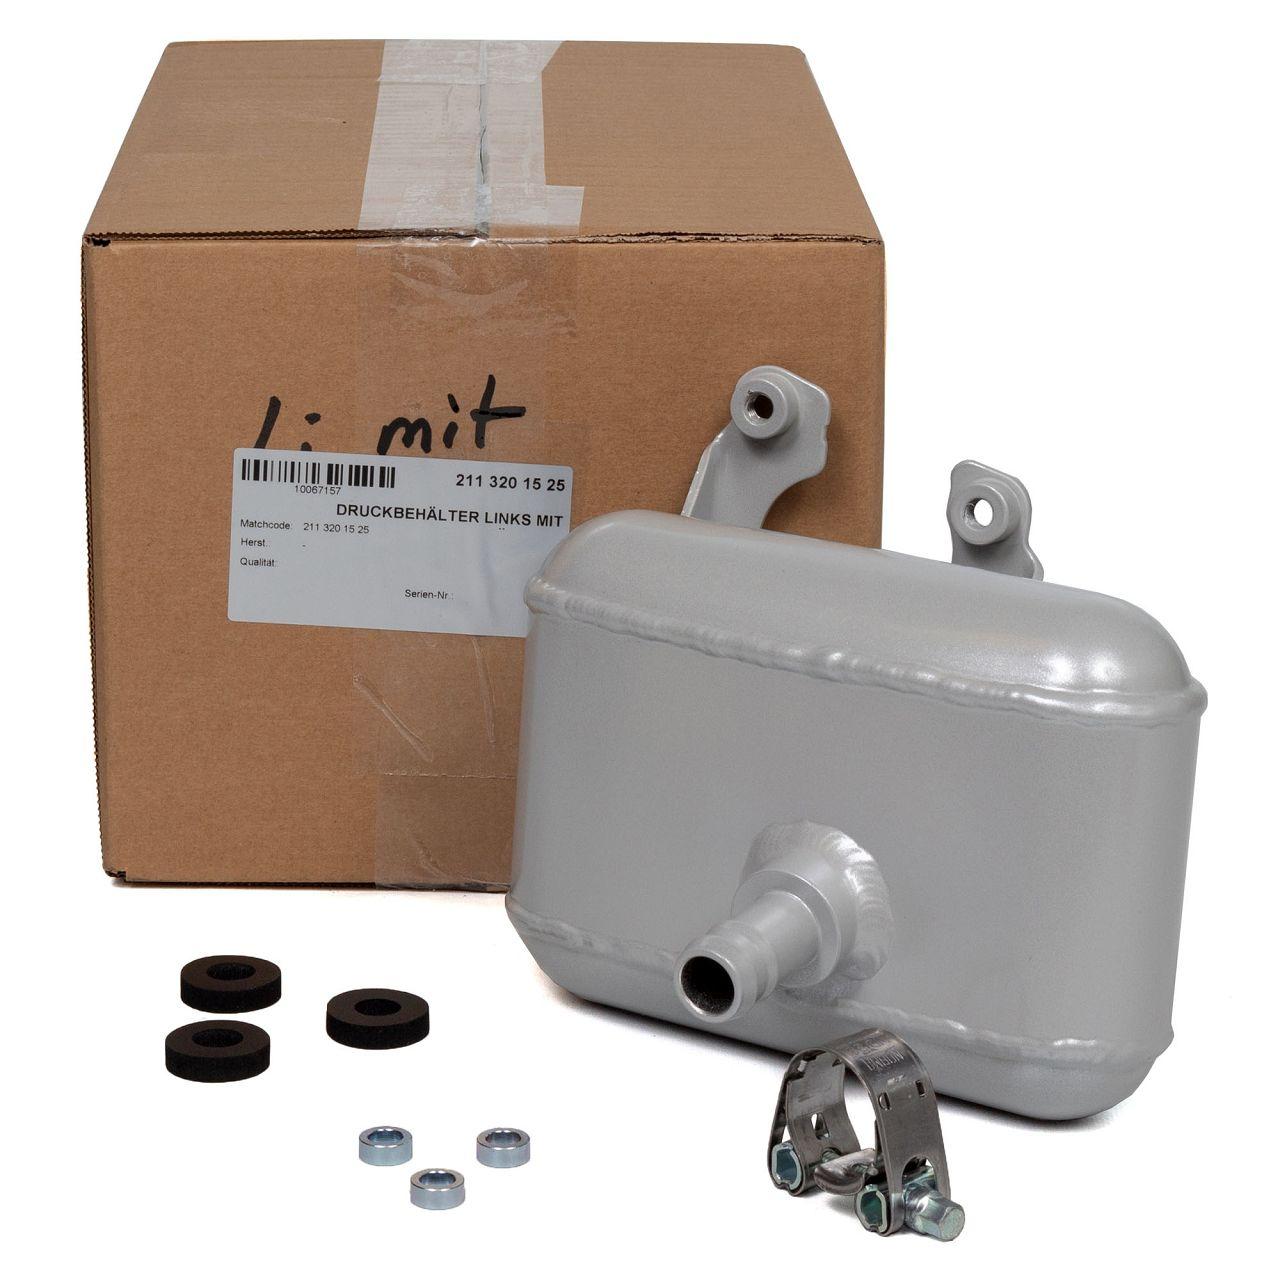 Druckbehälter Hydrospeicher Airmatik für MERCEDES W211 OM642 M113 hinten links